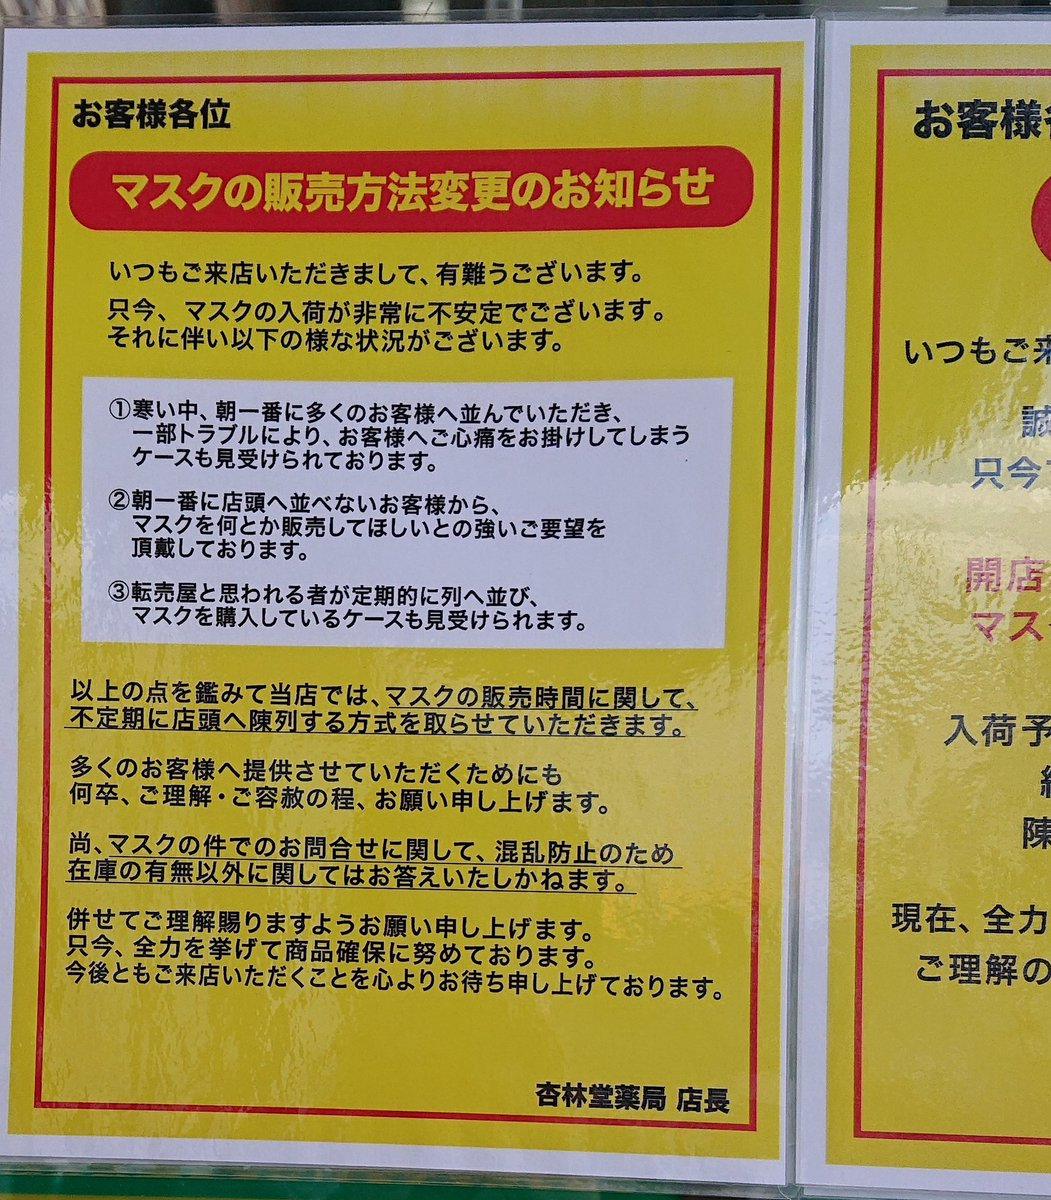 リアルタイム 杏林 堂 マスク